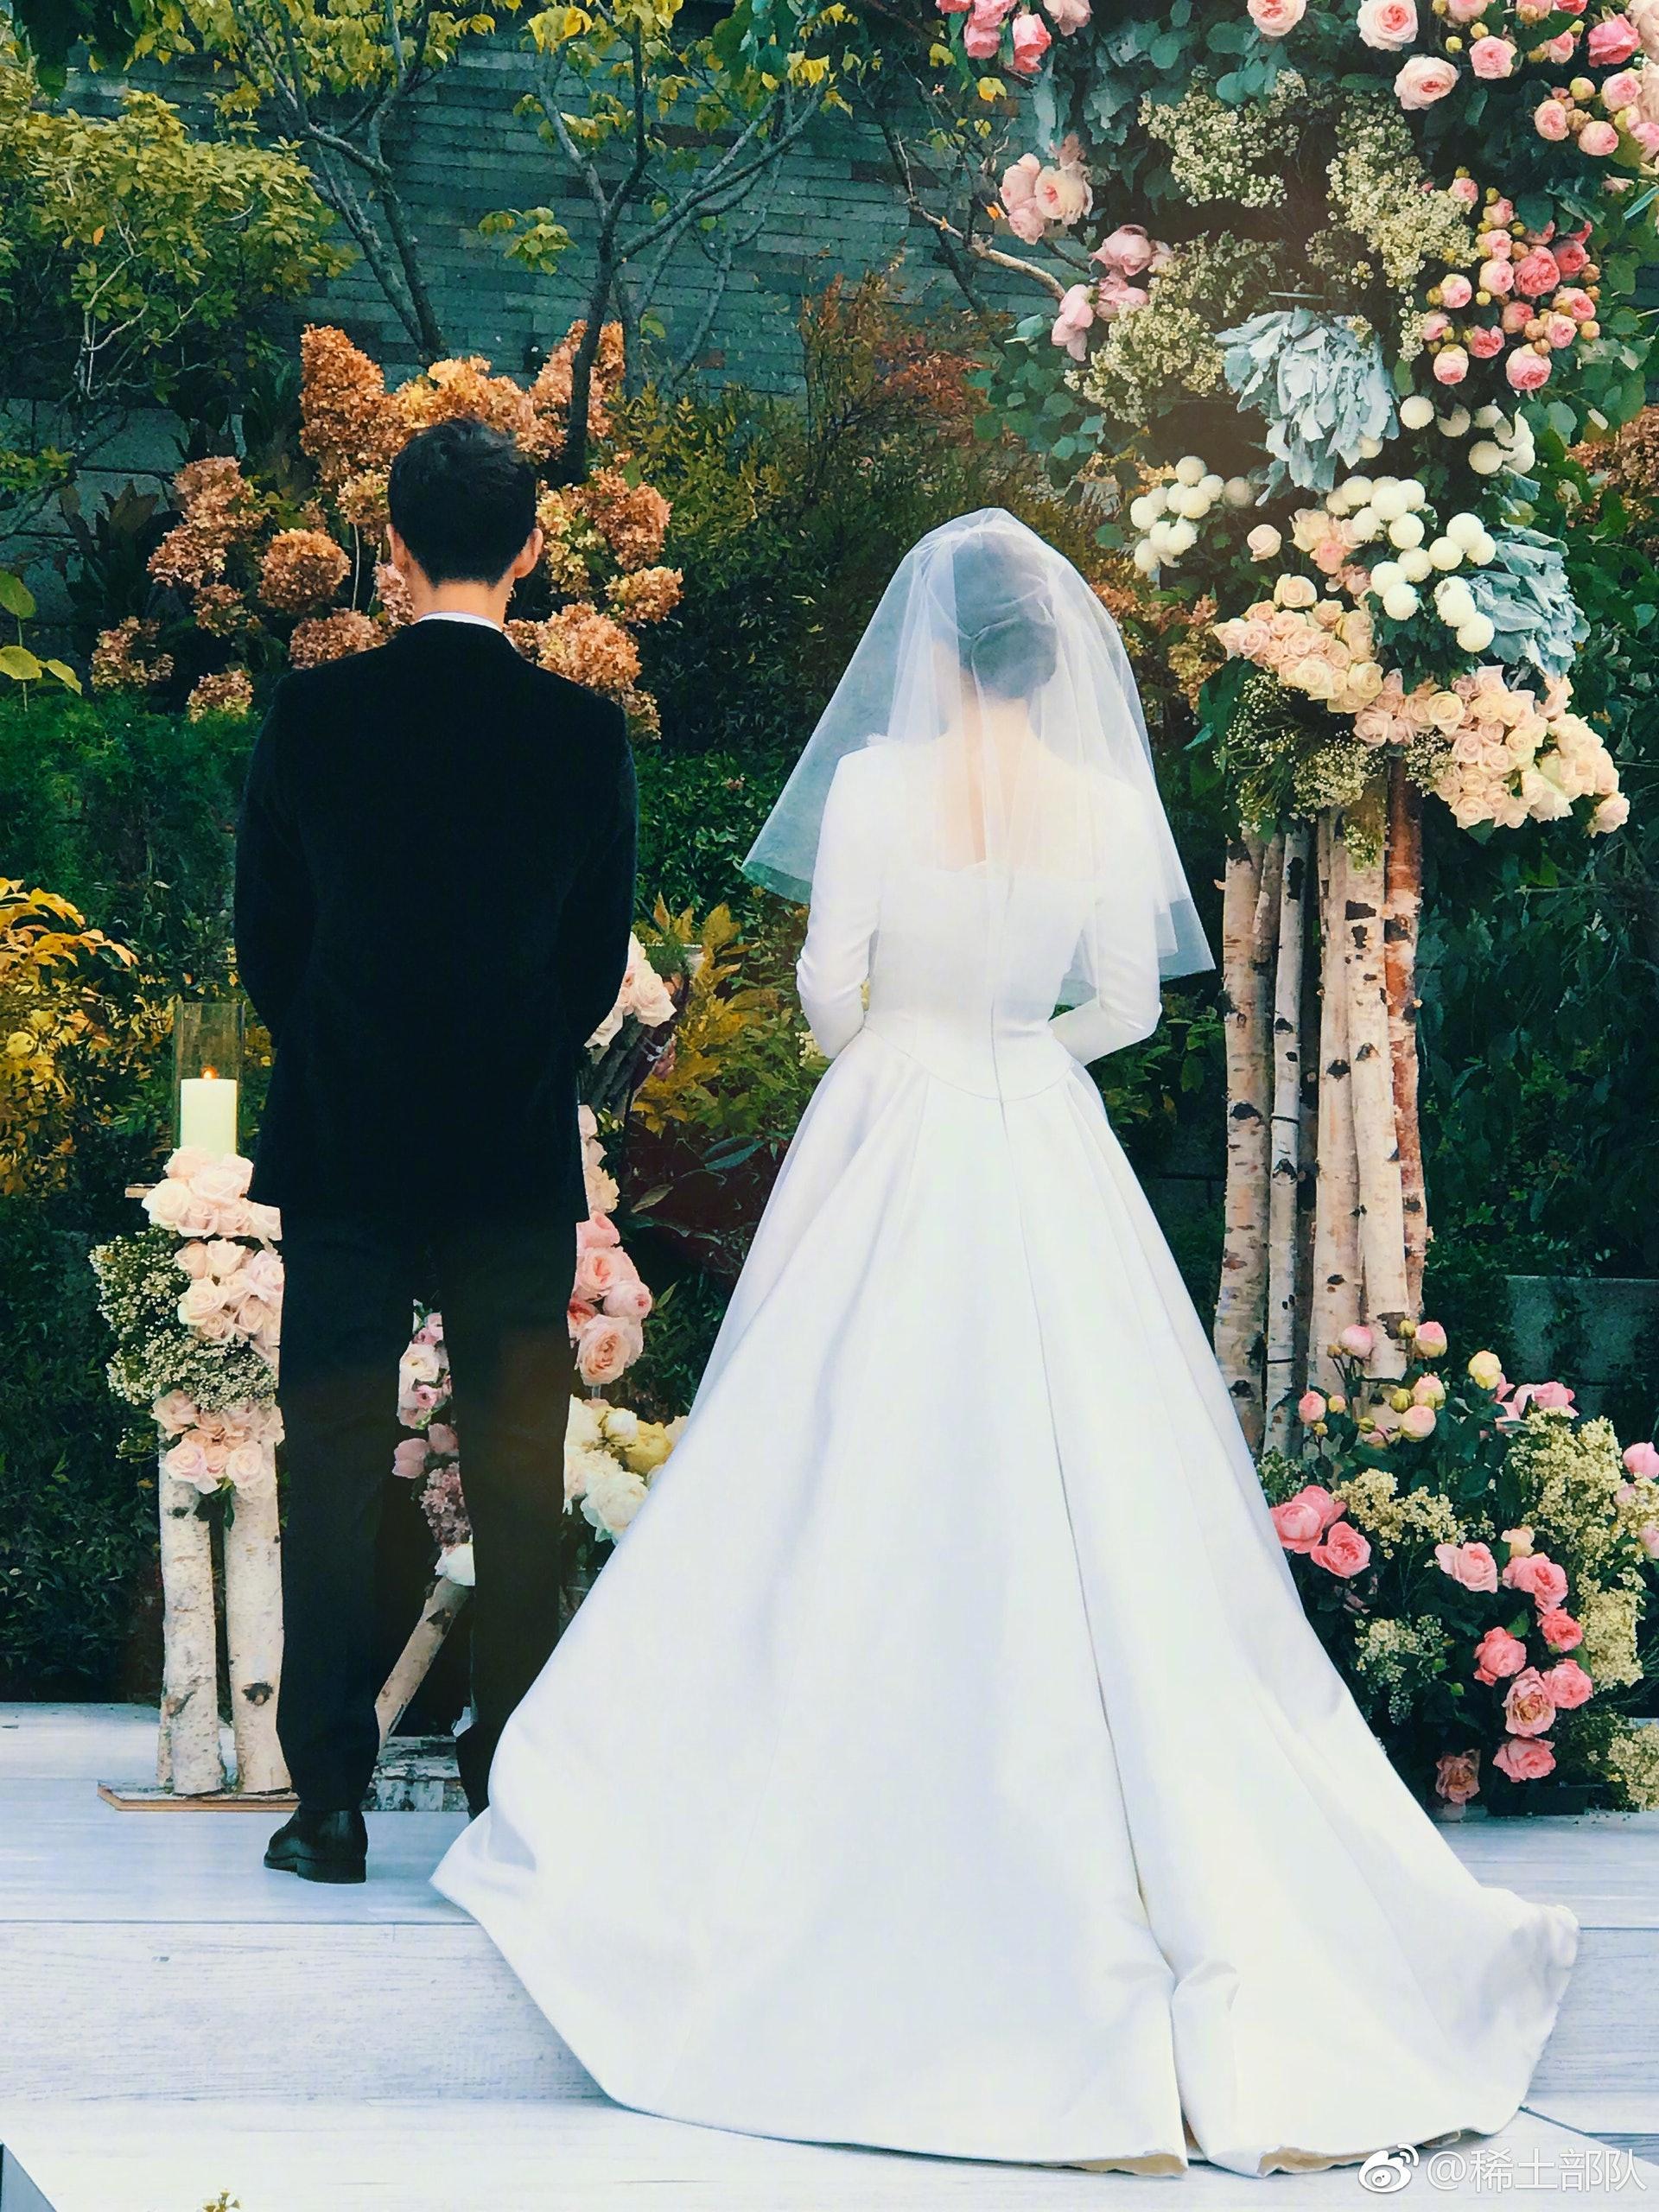 喬妹嘅婚紗以高腰拖尾設計,用上鍛面挺身質感更顯華麗。(章子怡微博)